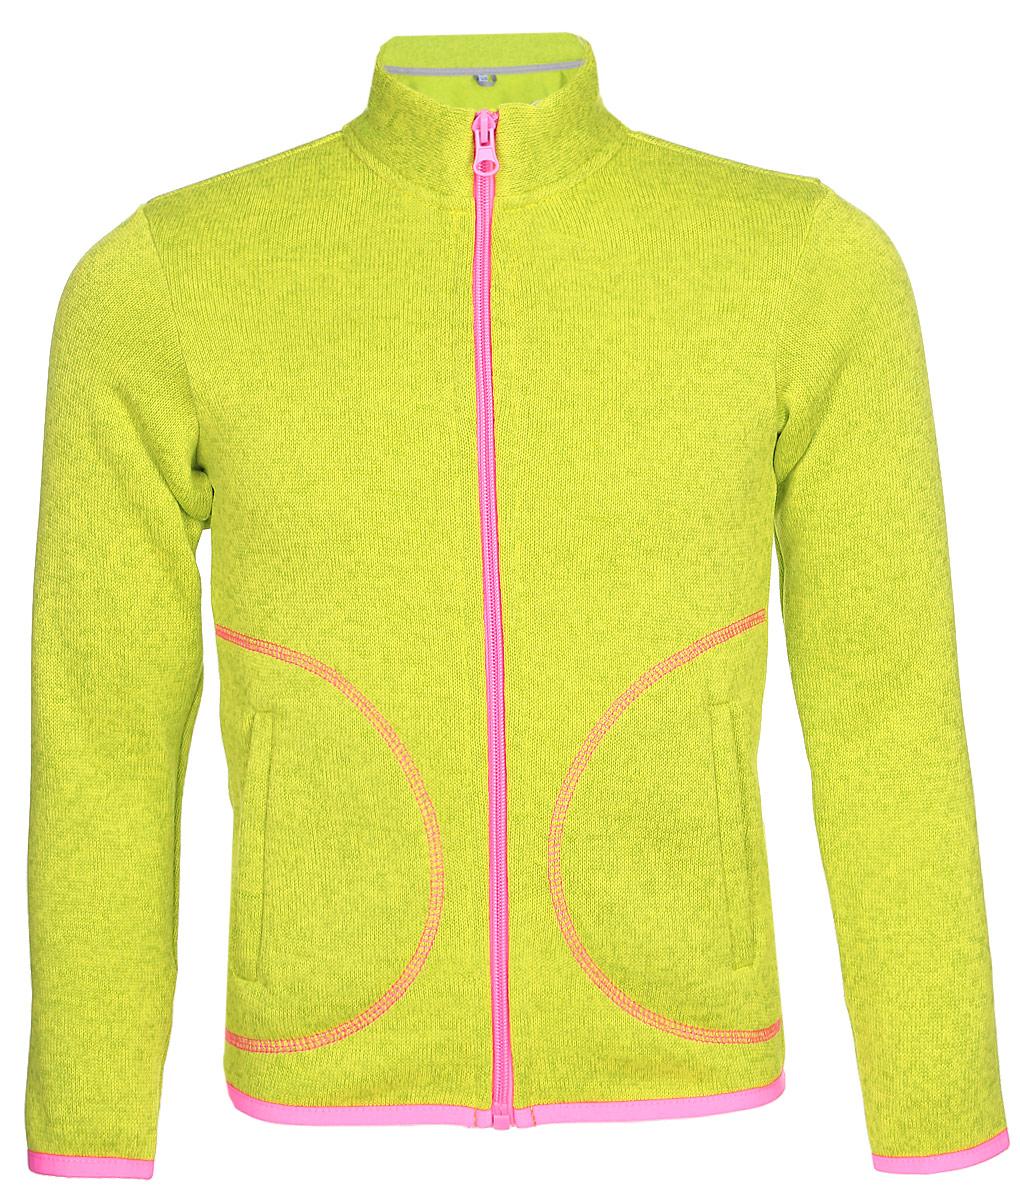 Толстовка флисовая для девочки Oldos Active Агата, цвет: лимонный. 4К1705. Размер 116, 6 лет4К1705Толстовка OLDOS ACTIVE Агата на молнии из вязаного флиса для девочки. С внешней стороны флис имеет вязаную фактуру, с внутренней - ворсистую. Вязаный флис эффективно отводит влагу, защищает от ветра, держит тепло и позволяет коже дышать. Воротник-стойка хорошо прилегает и закрывает шею ребенка от ветра. Изнутри шов воротника укреплен х/б лентой, что предотвращает деформацию и натирание. Низ рукавов и кофты окантованы эластичной тесьмой, есть карманы. Толстовка приятна телу, мягкая и легкая, в ней будет комфортно и тепло на улице и в помещении. Можно использовать в качестве второго слоя в осенне-зимний период.